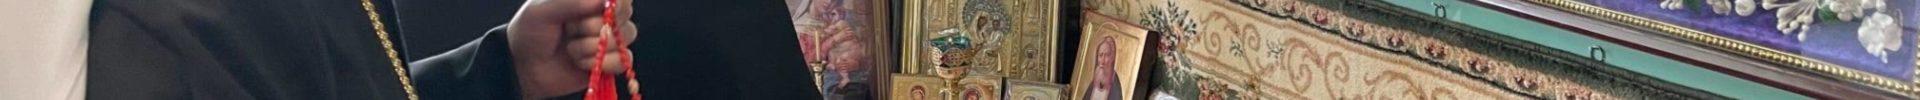 Память великомученика Георгія Побідоносця